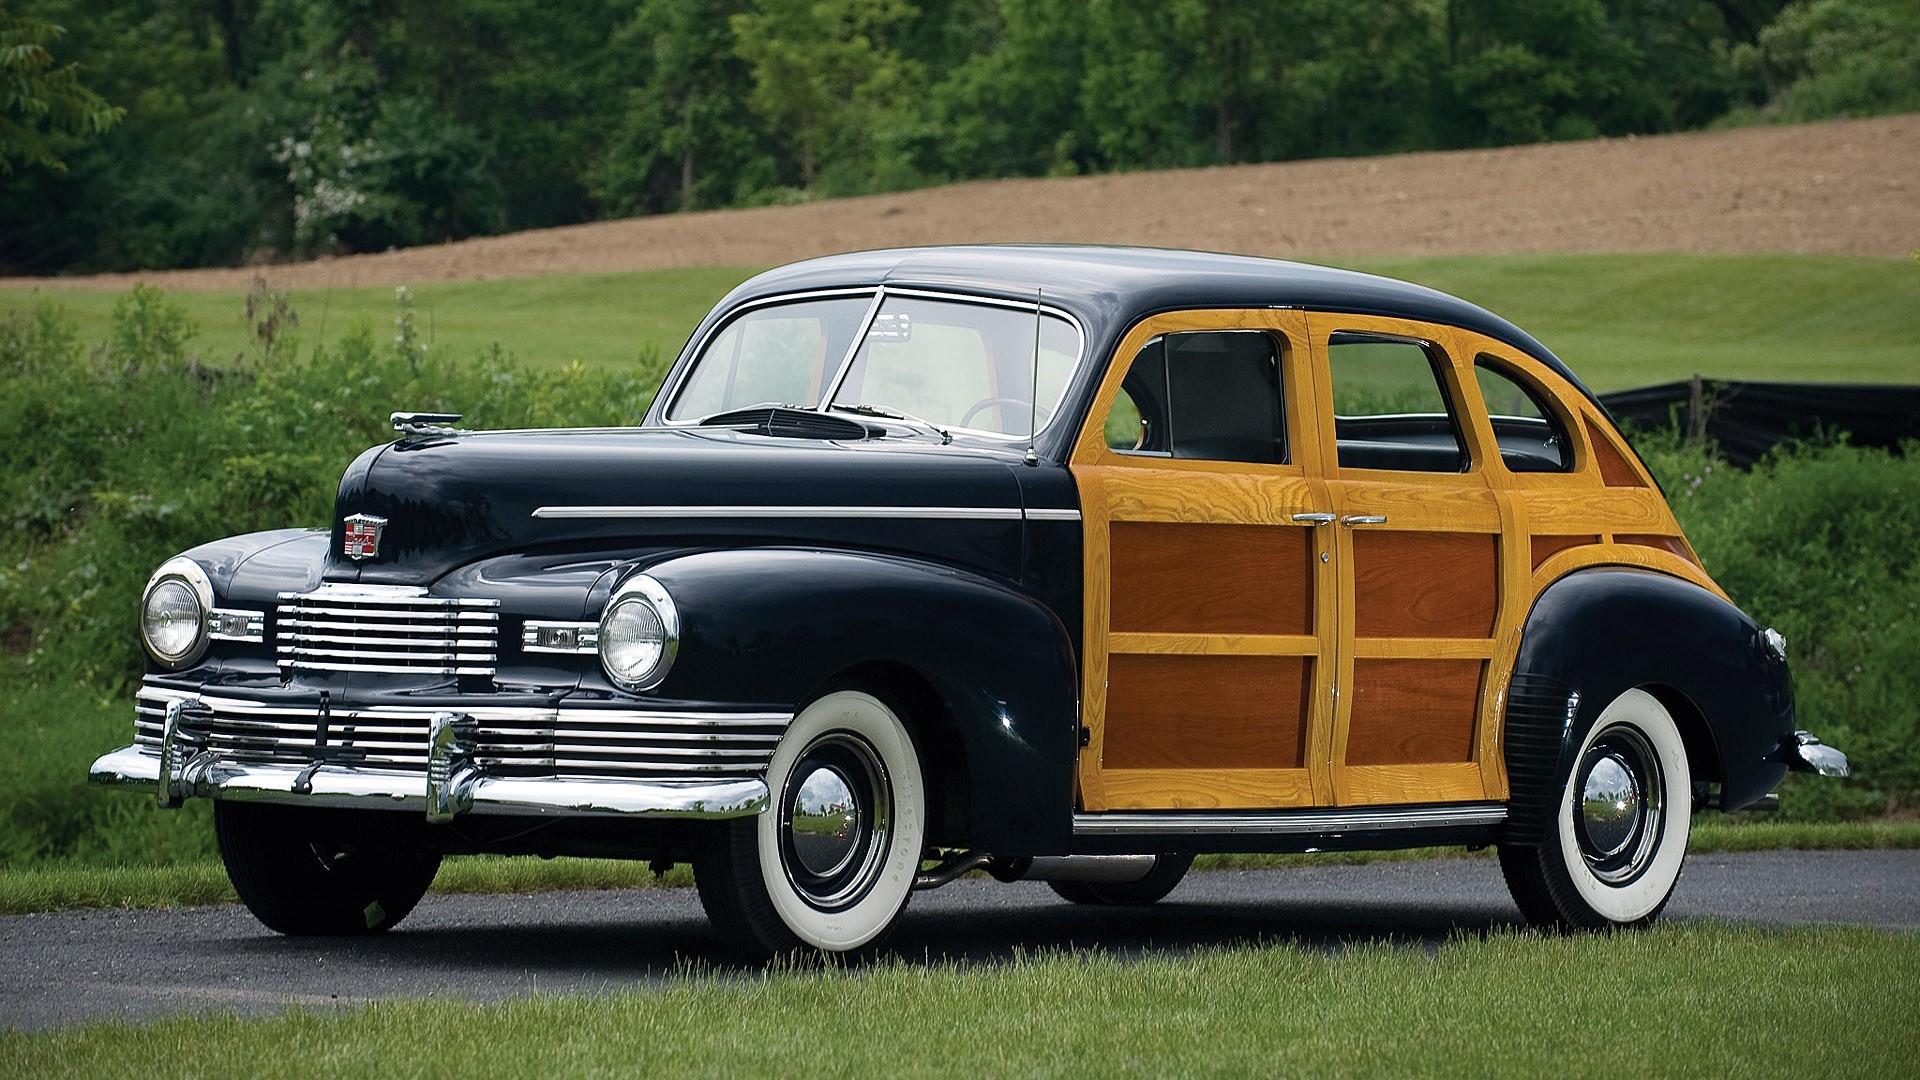 wallpaper classic cars car images 1920x1080 1920x1080